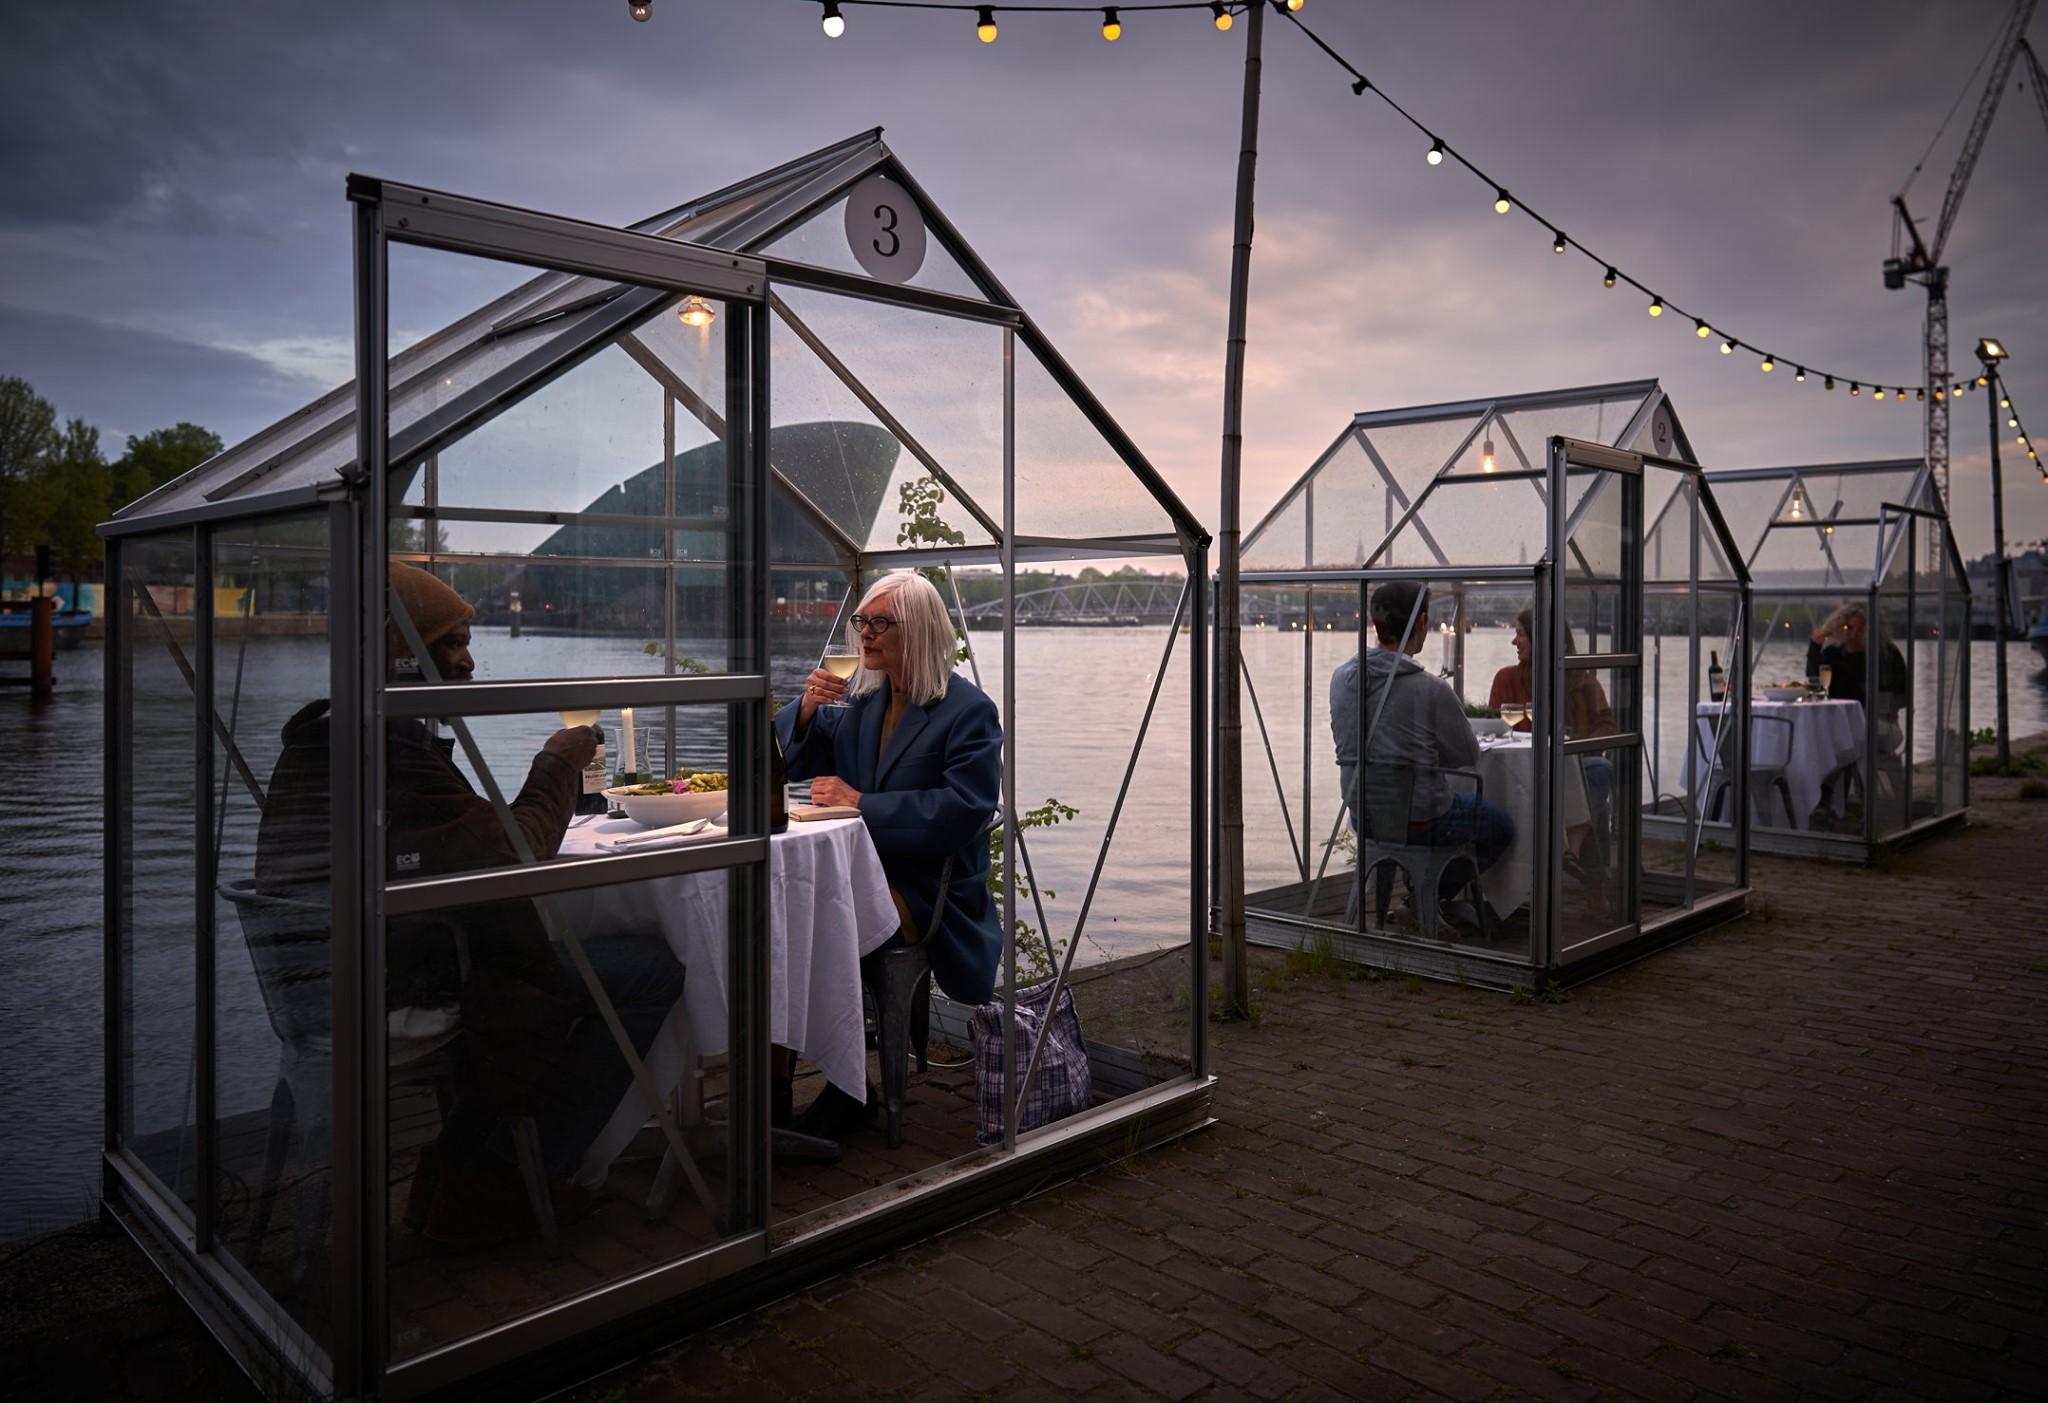 Ресторан Амстердама защитит гостей от COVID-19 стеклянными кабинками.Вокруг Света. Украина